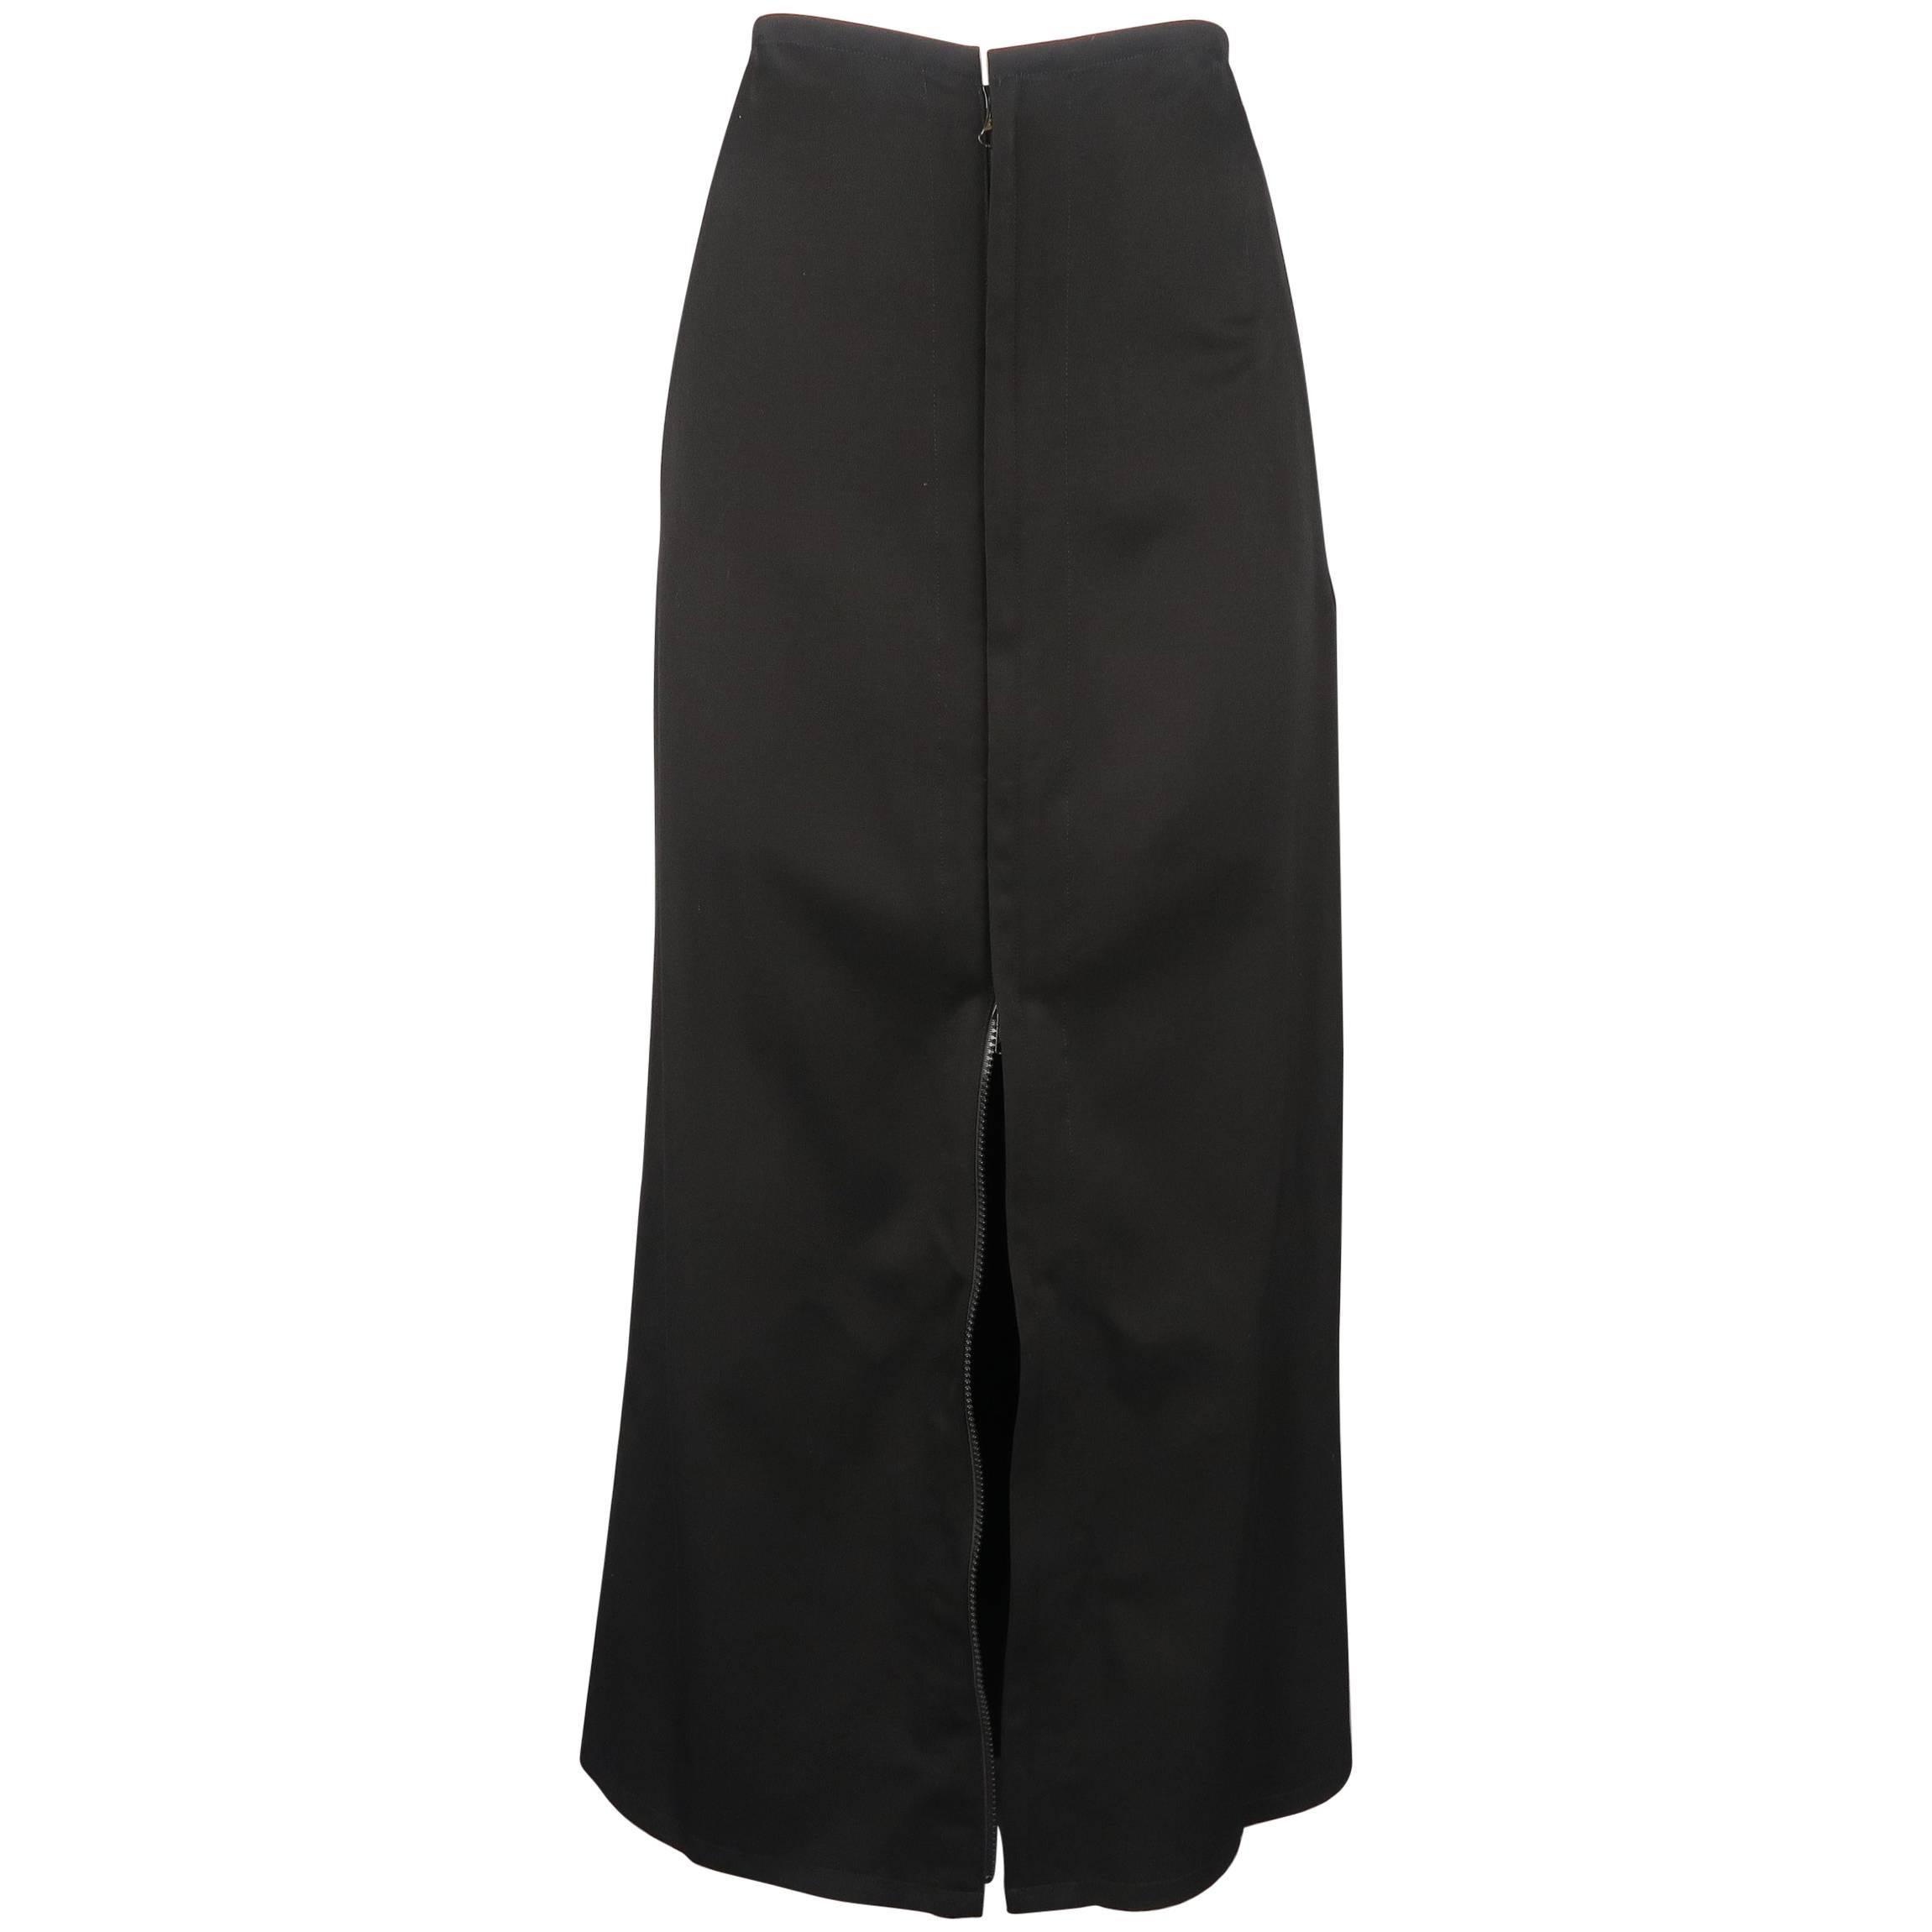 YOHJI YAMAMOTO Size XS Black Wool Double Zip Long A line Skirt